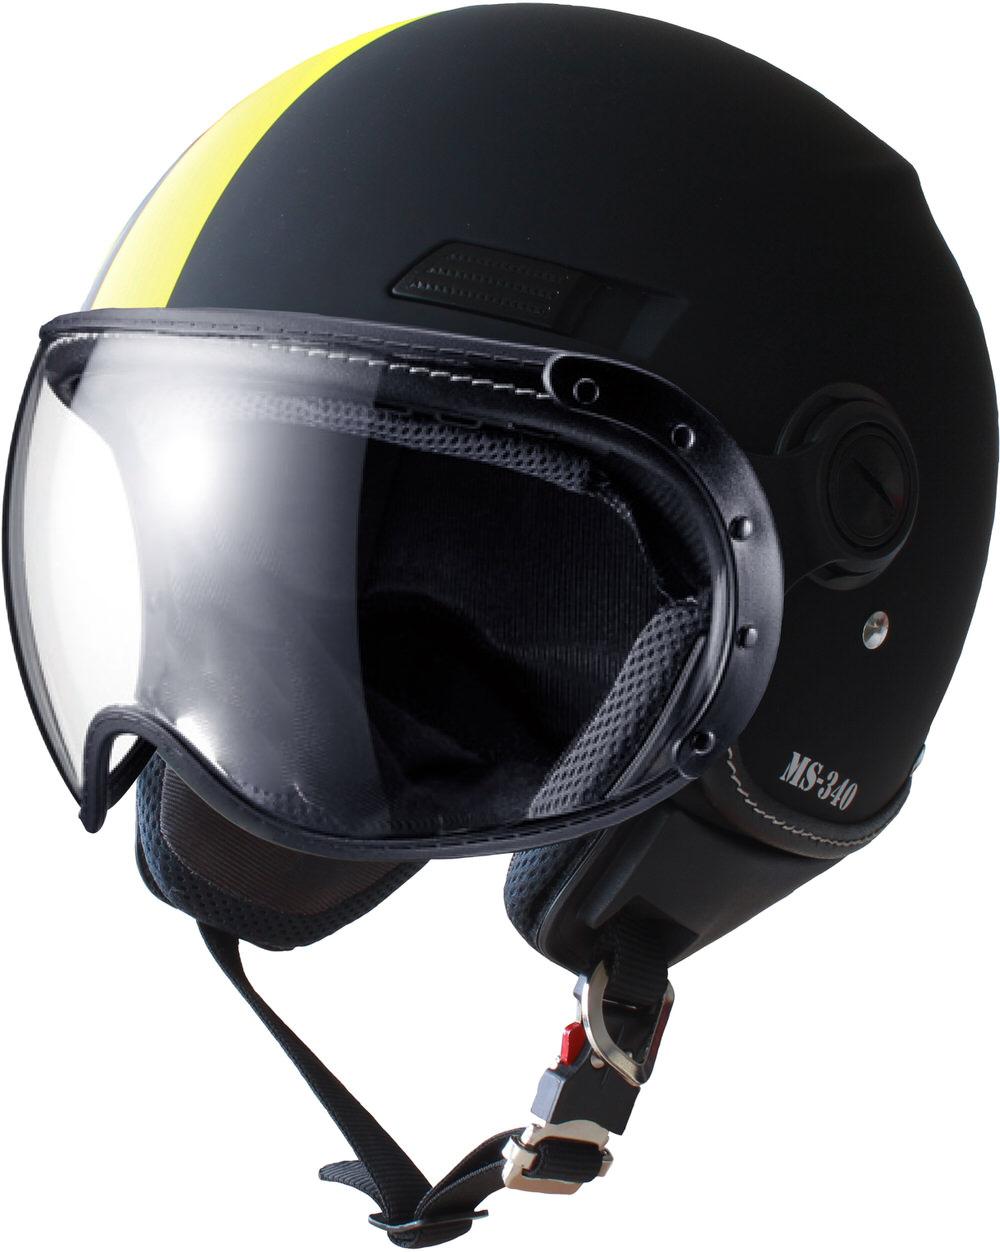 MS-340 パイロットタイプヘルメット アシンメトリック イエロー Mサイズ MARUSHIN(マルシン)